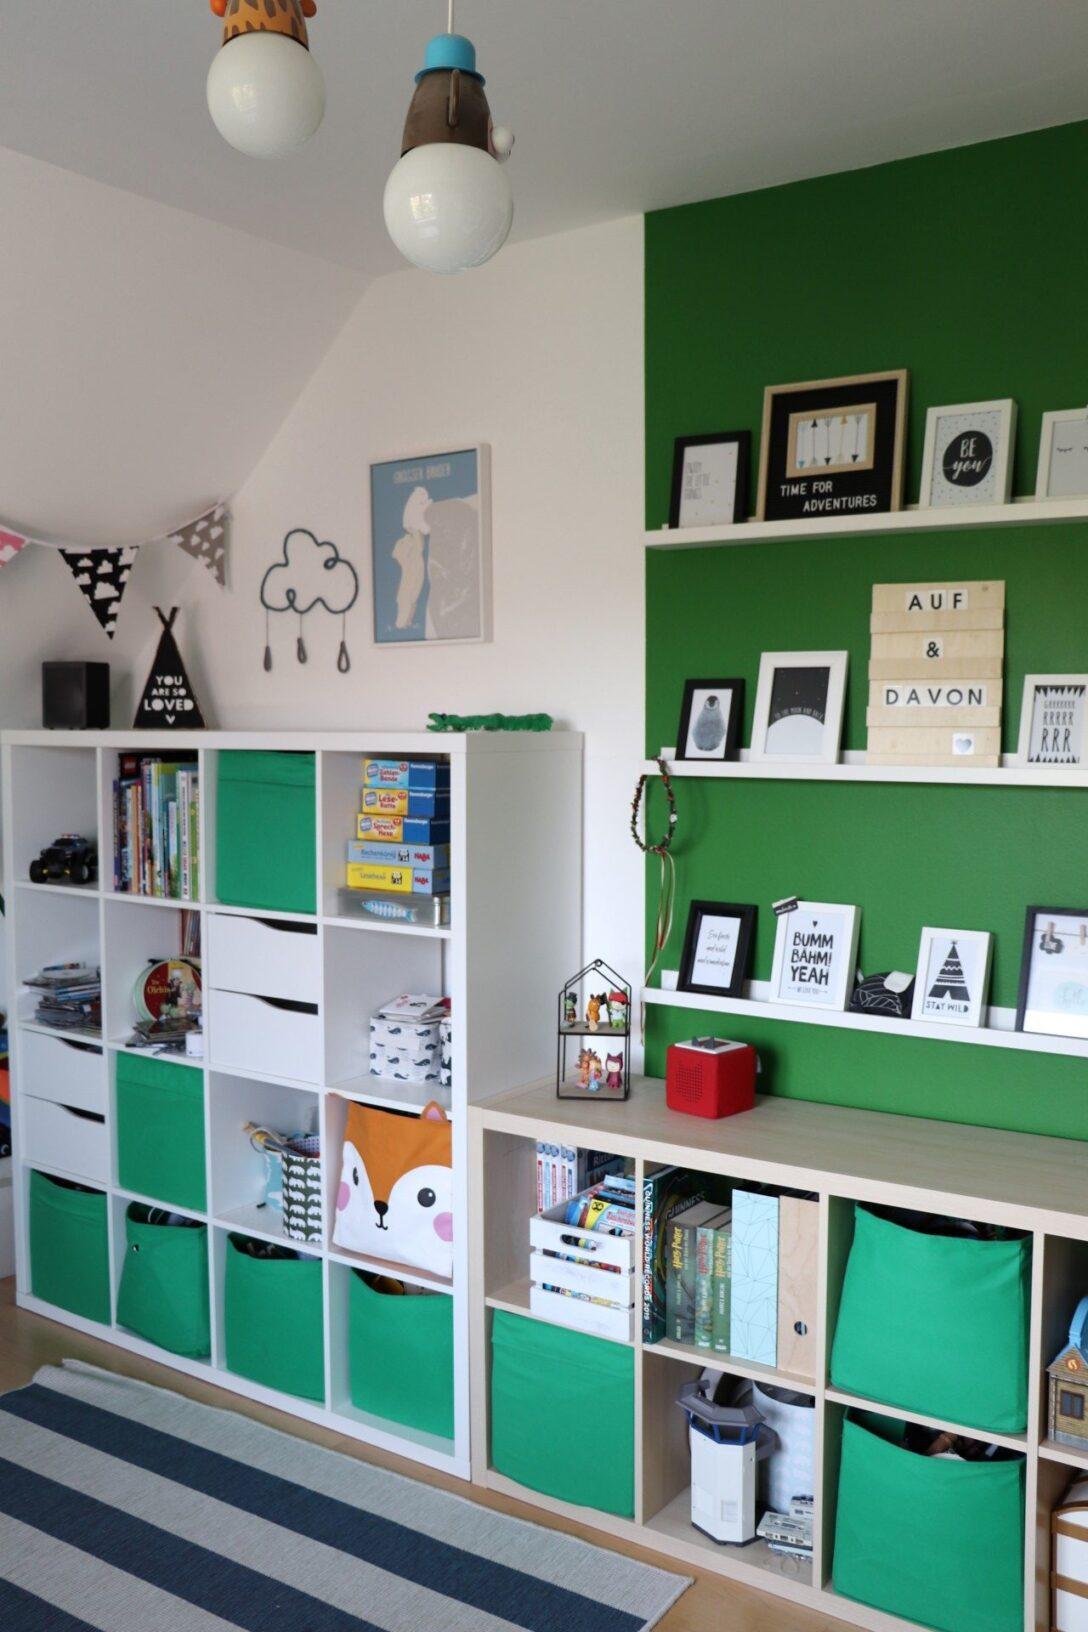 Large Size of Wandgestaltung Kinderzimmer Jungen Einrichten Junge 9 Jahre 3 8 Dekorieren 4 Deko Regal Regale Weiß Sofa Wohnzimmer Wandgestaltung Kinderzimmer Jungen